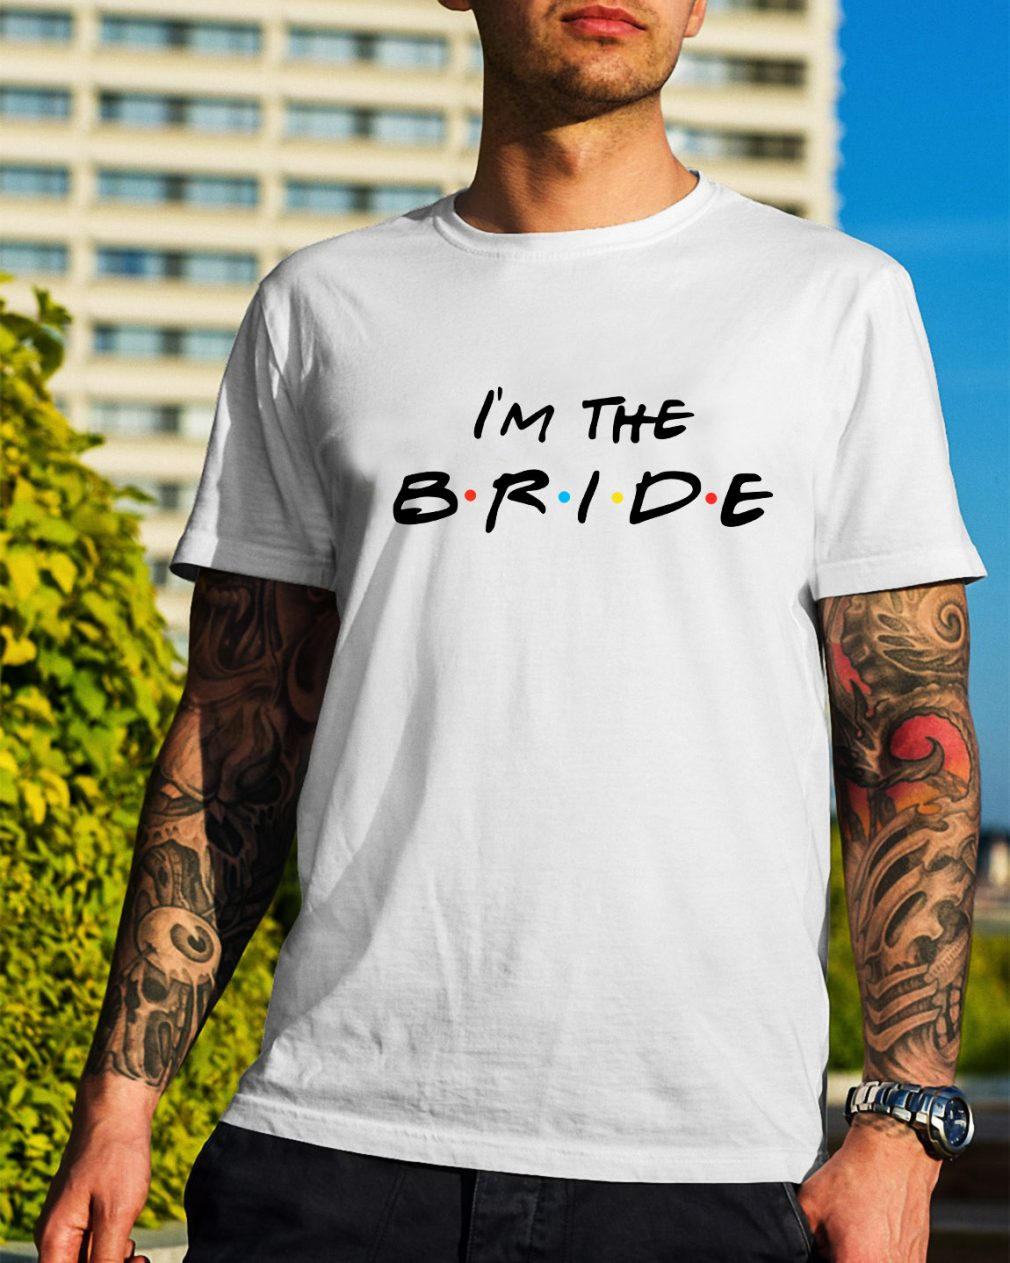 I'm the Bride shirt